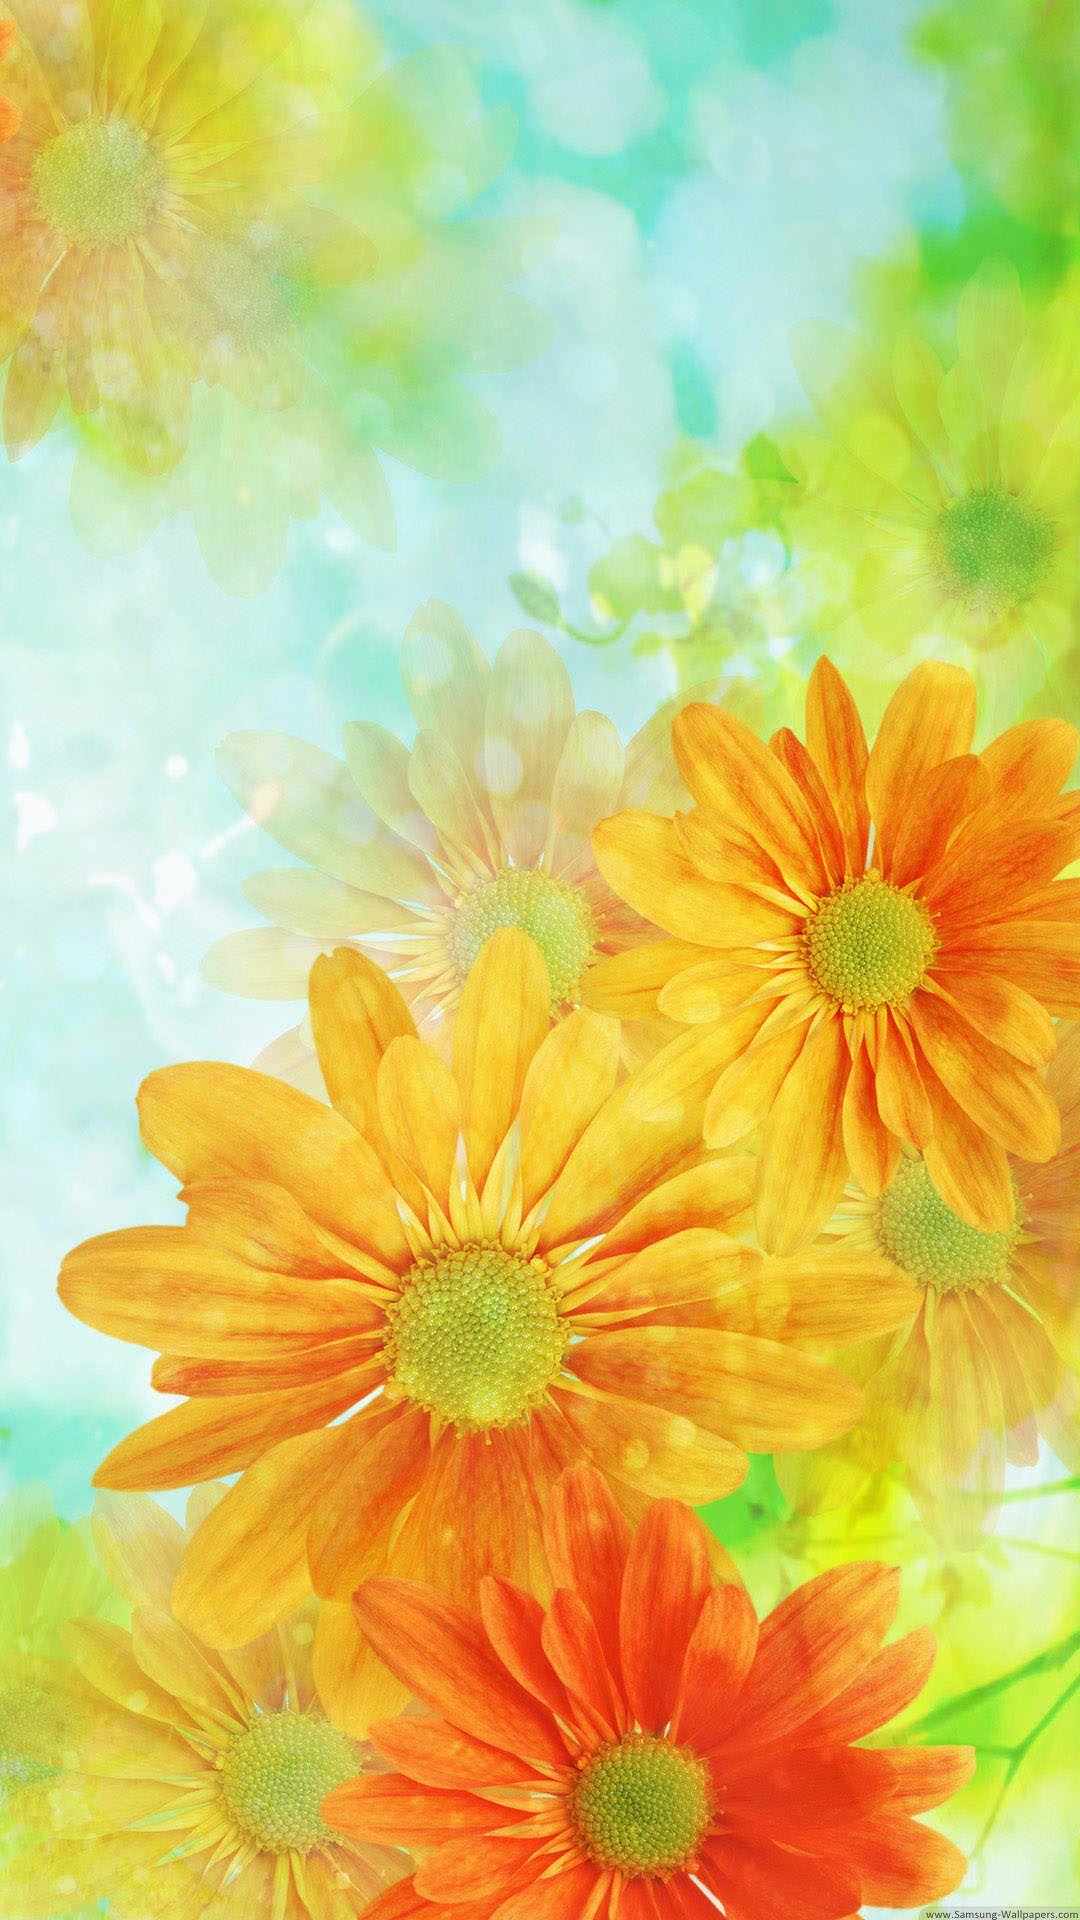 オレンジ色の綺麗な花 花 壁紙 蝶々 イラスト ピンク 壁紙 Iphone